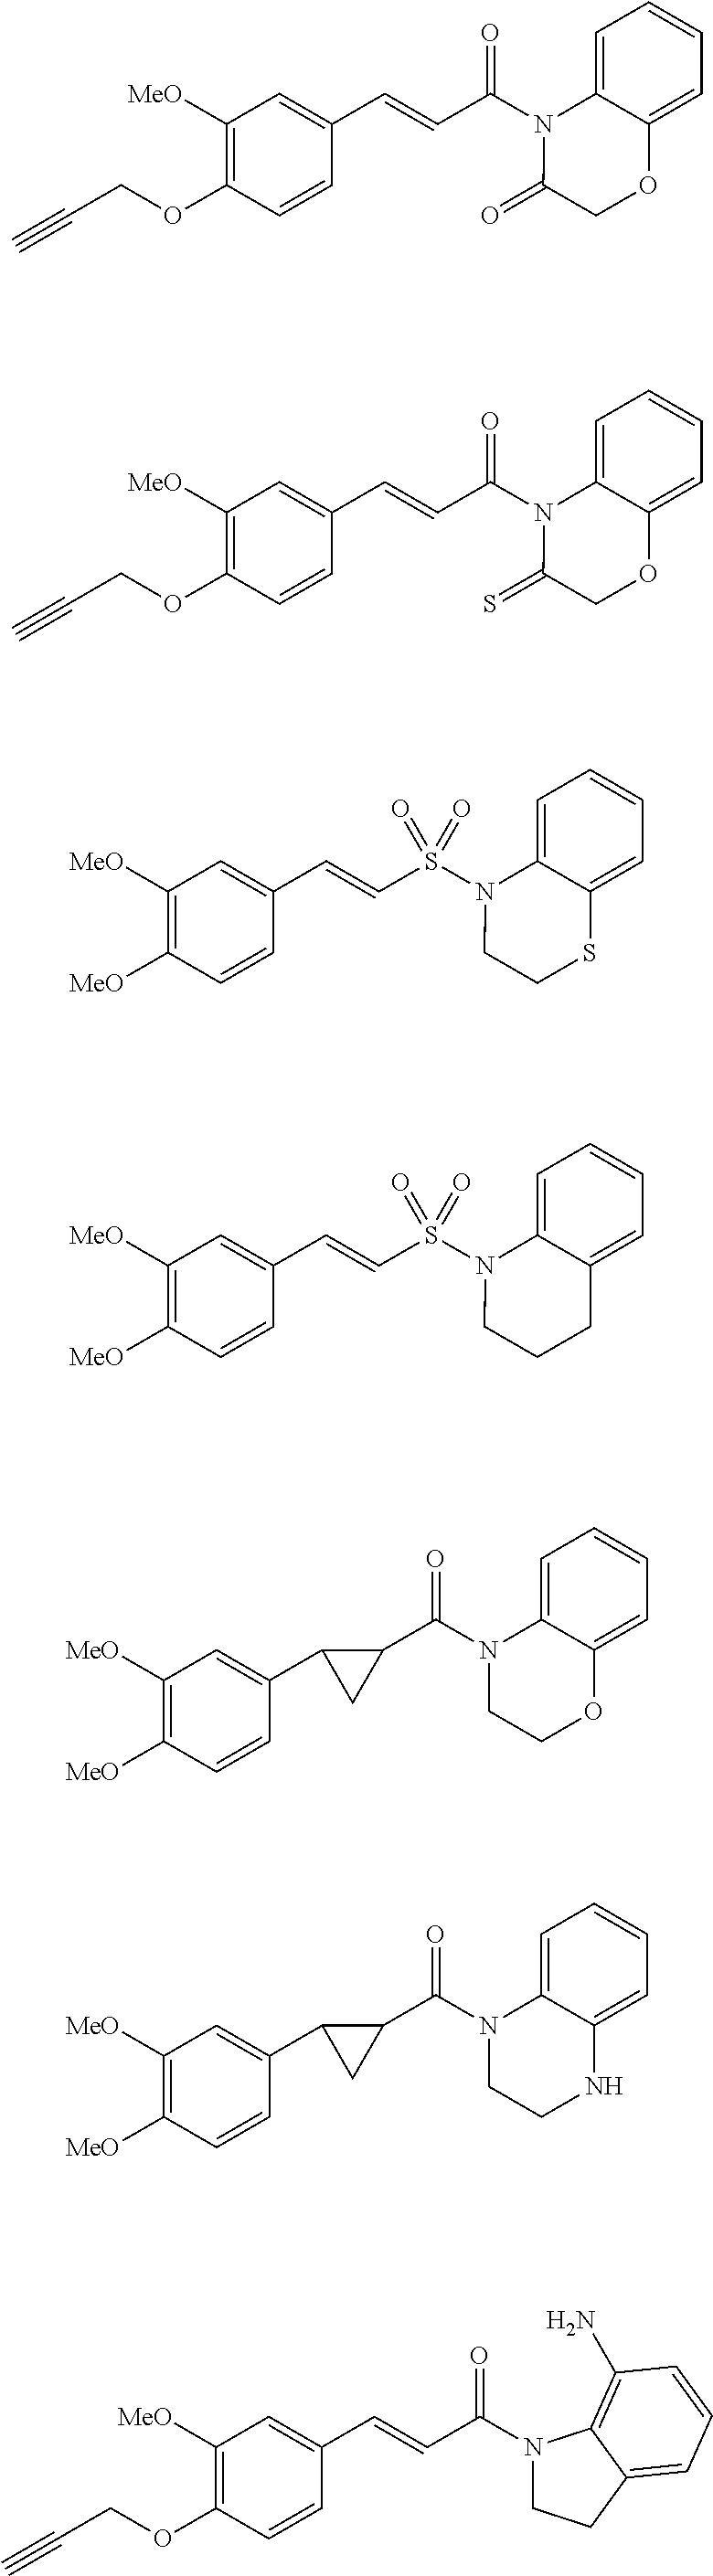 Figure US09951087-20180424-C00050